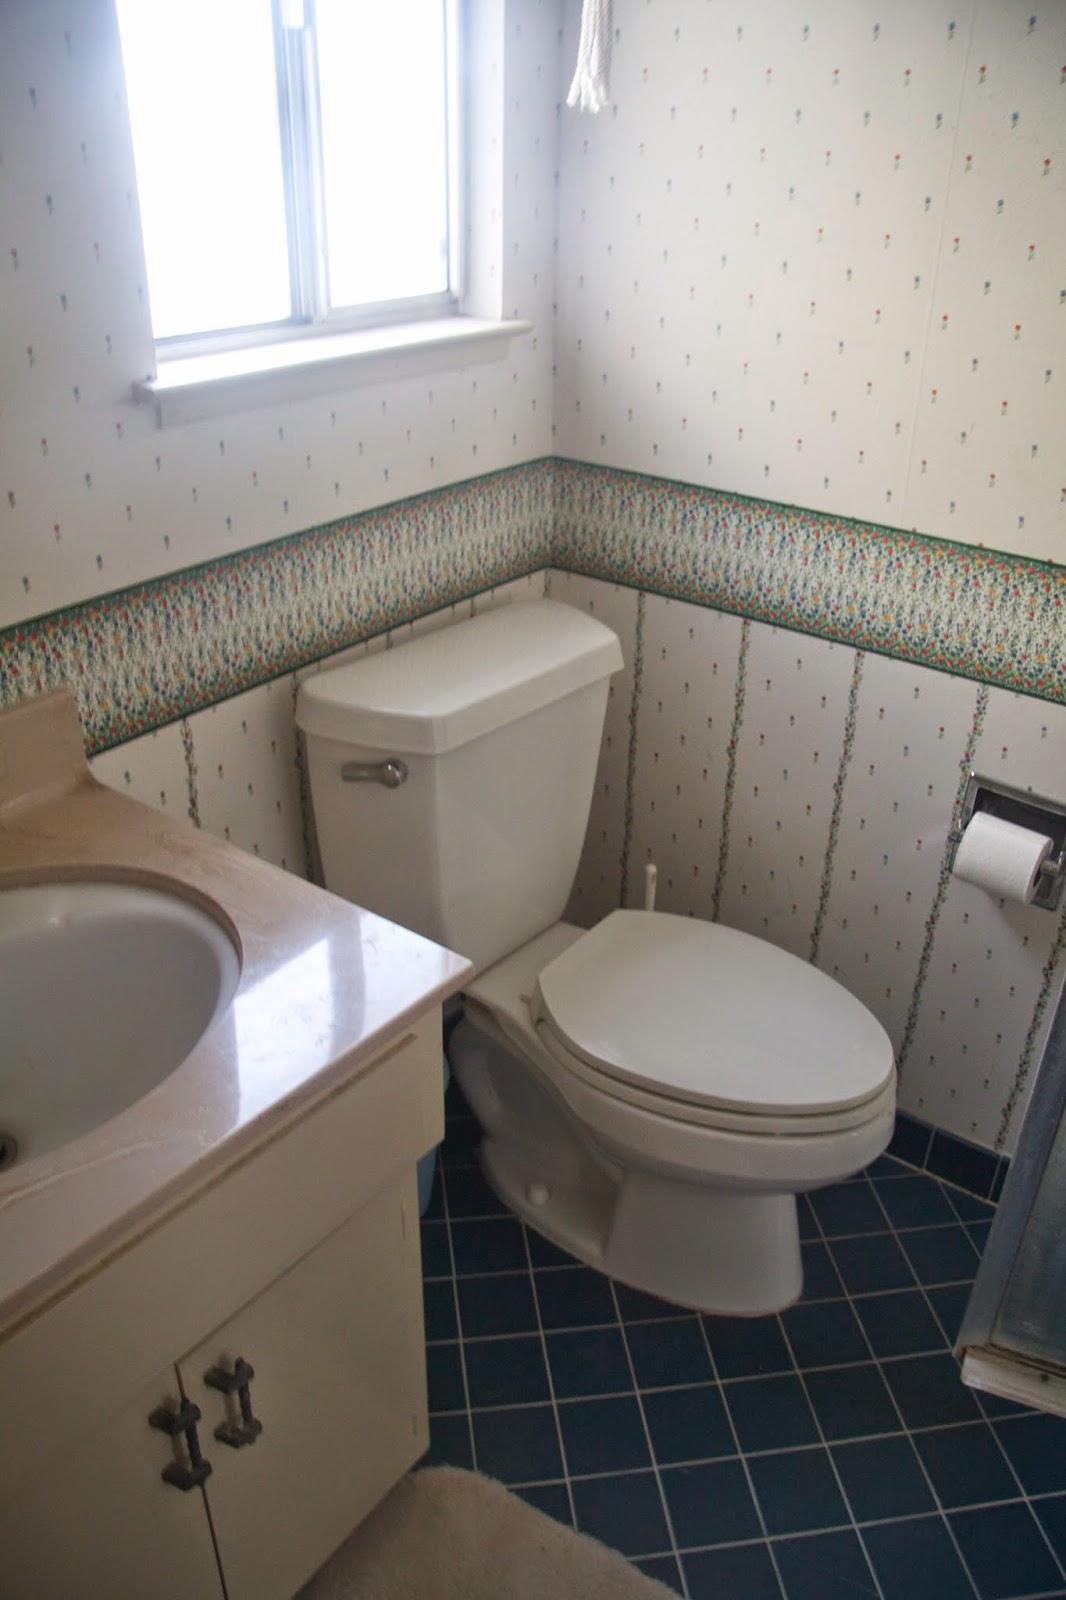 best way to remove wallpaper vinegar